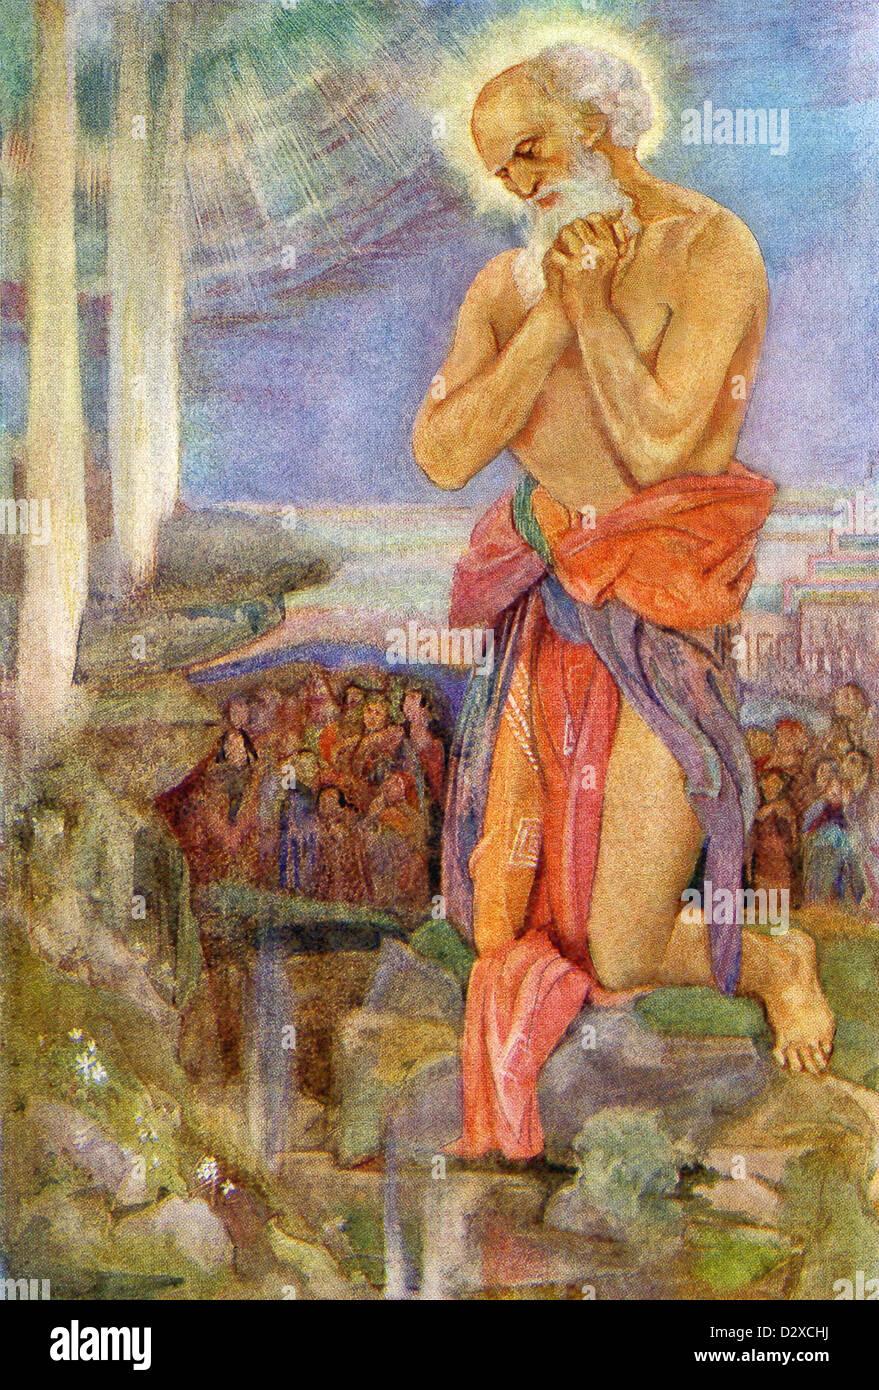 Le prophète juif Élie prévaut sur les prêtres de la dieu Phénicien Baal. Banque D'Images